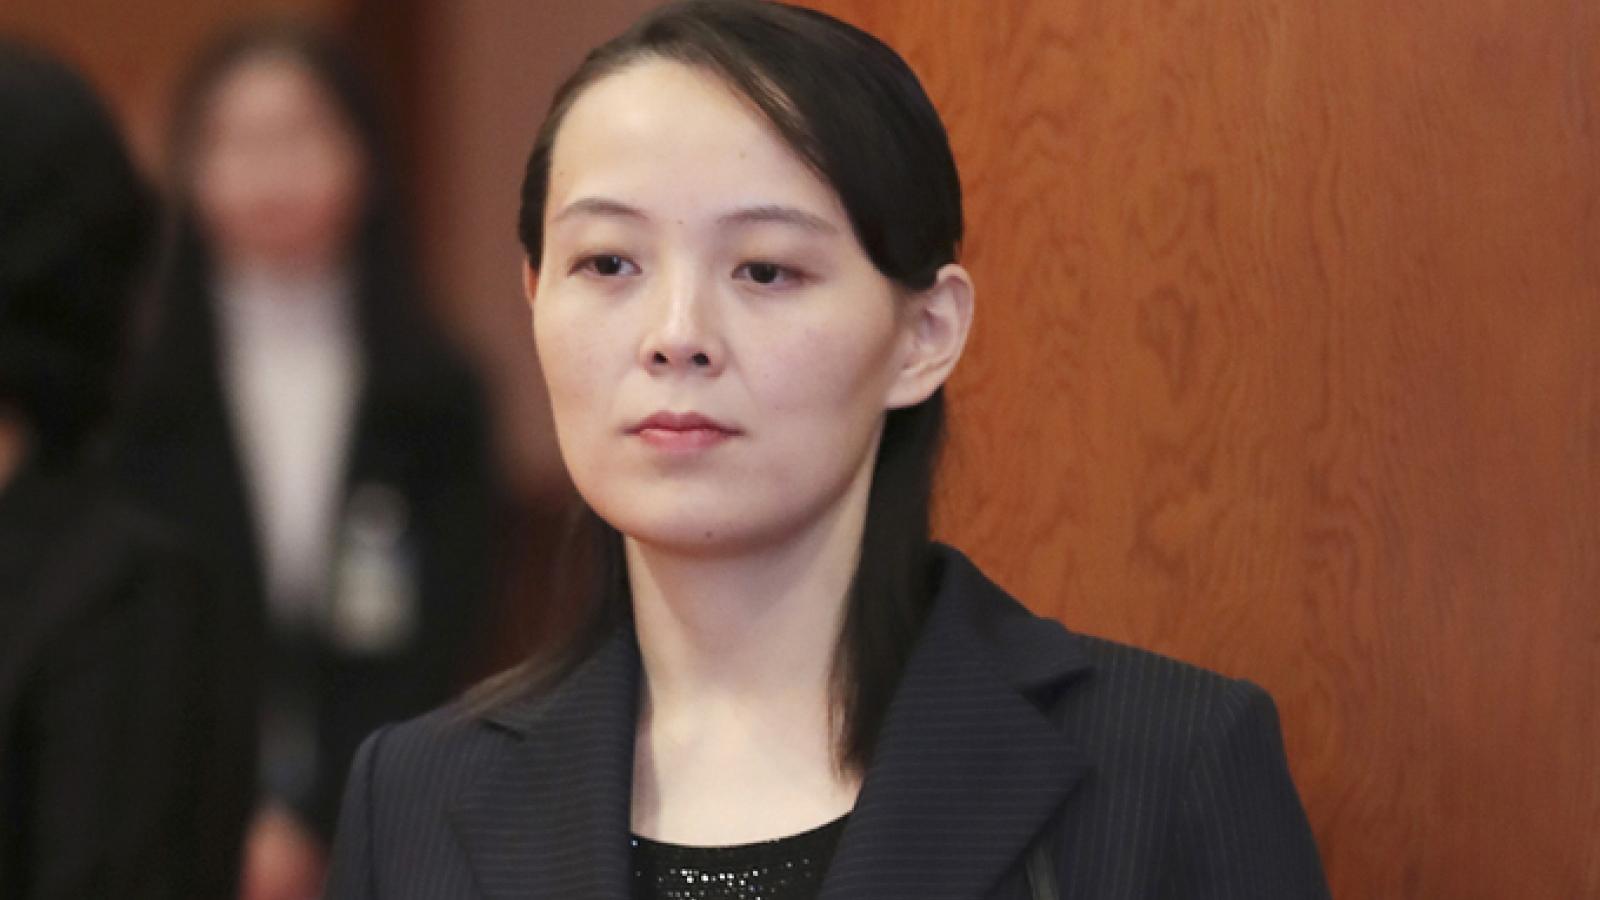 Triều Tiên có ý định thảo luận việc cải thiện quan hệ với Hàn Quốc